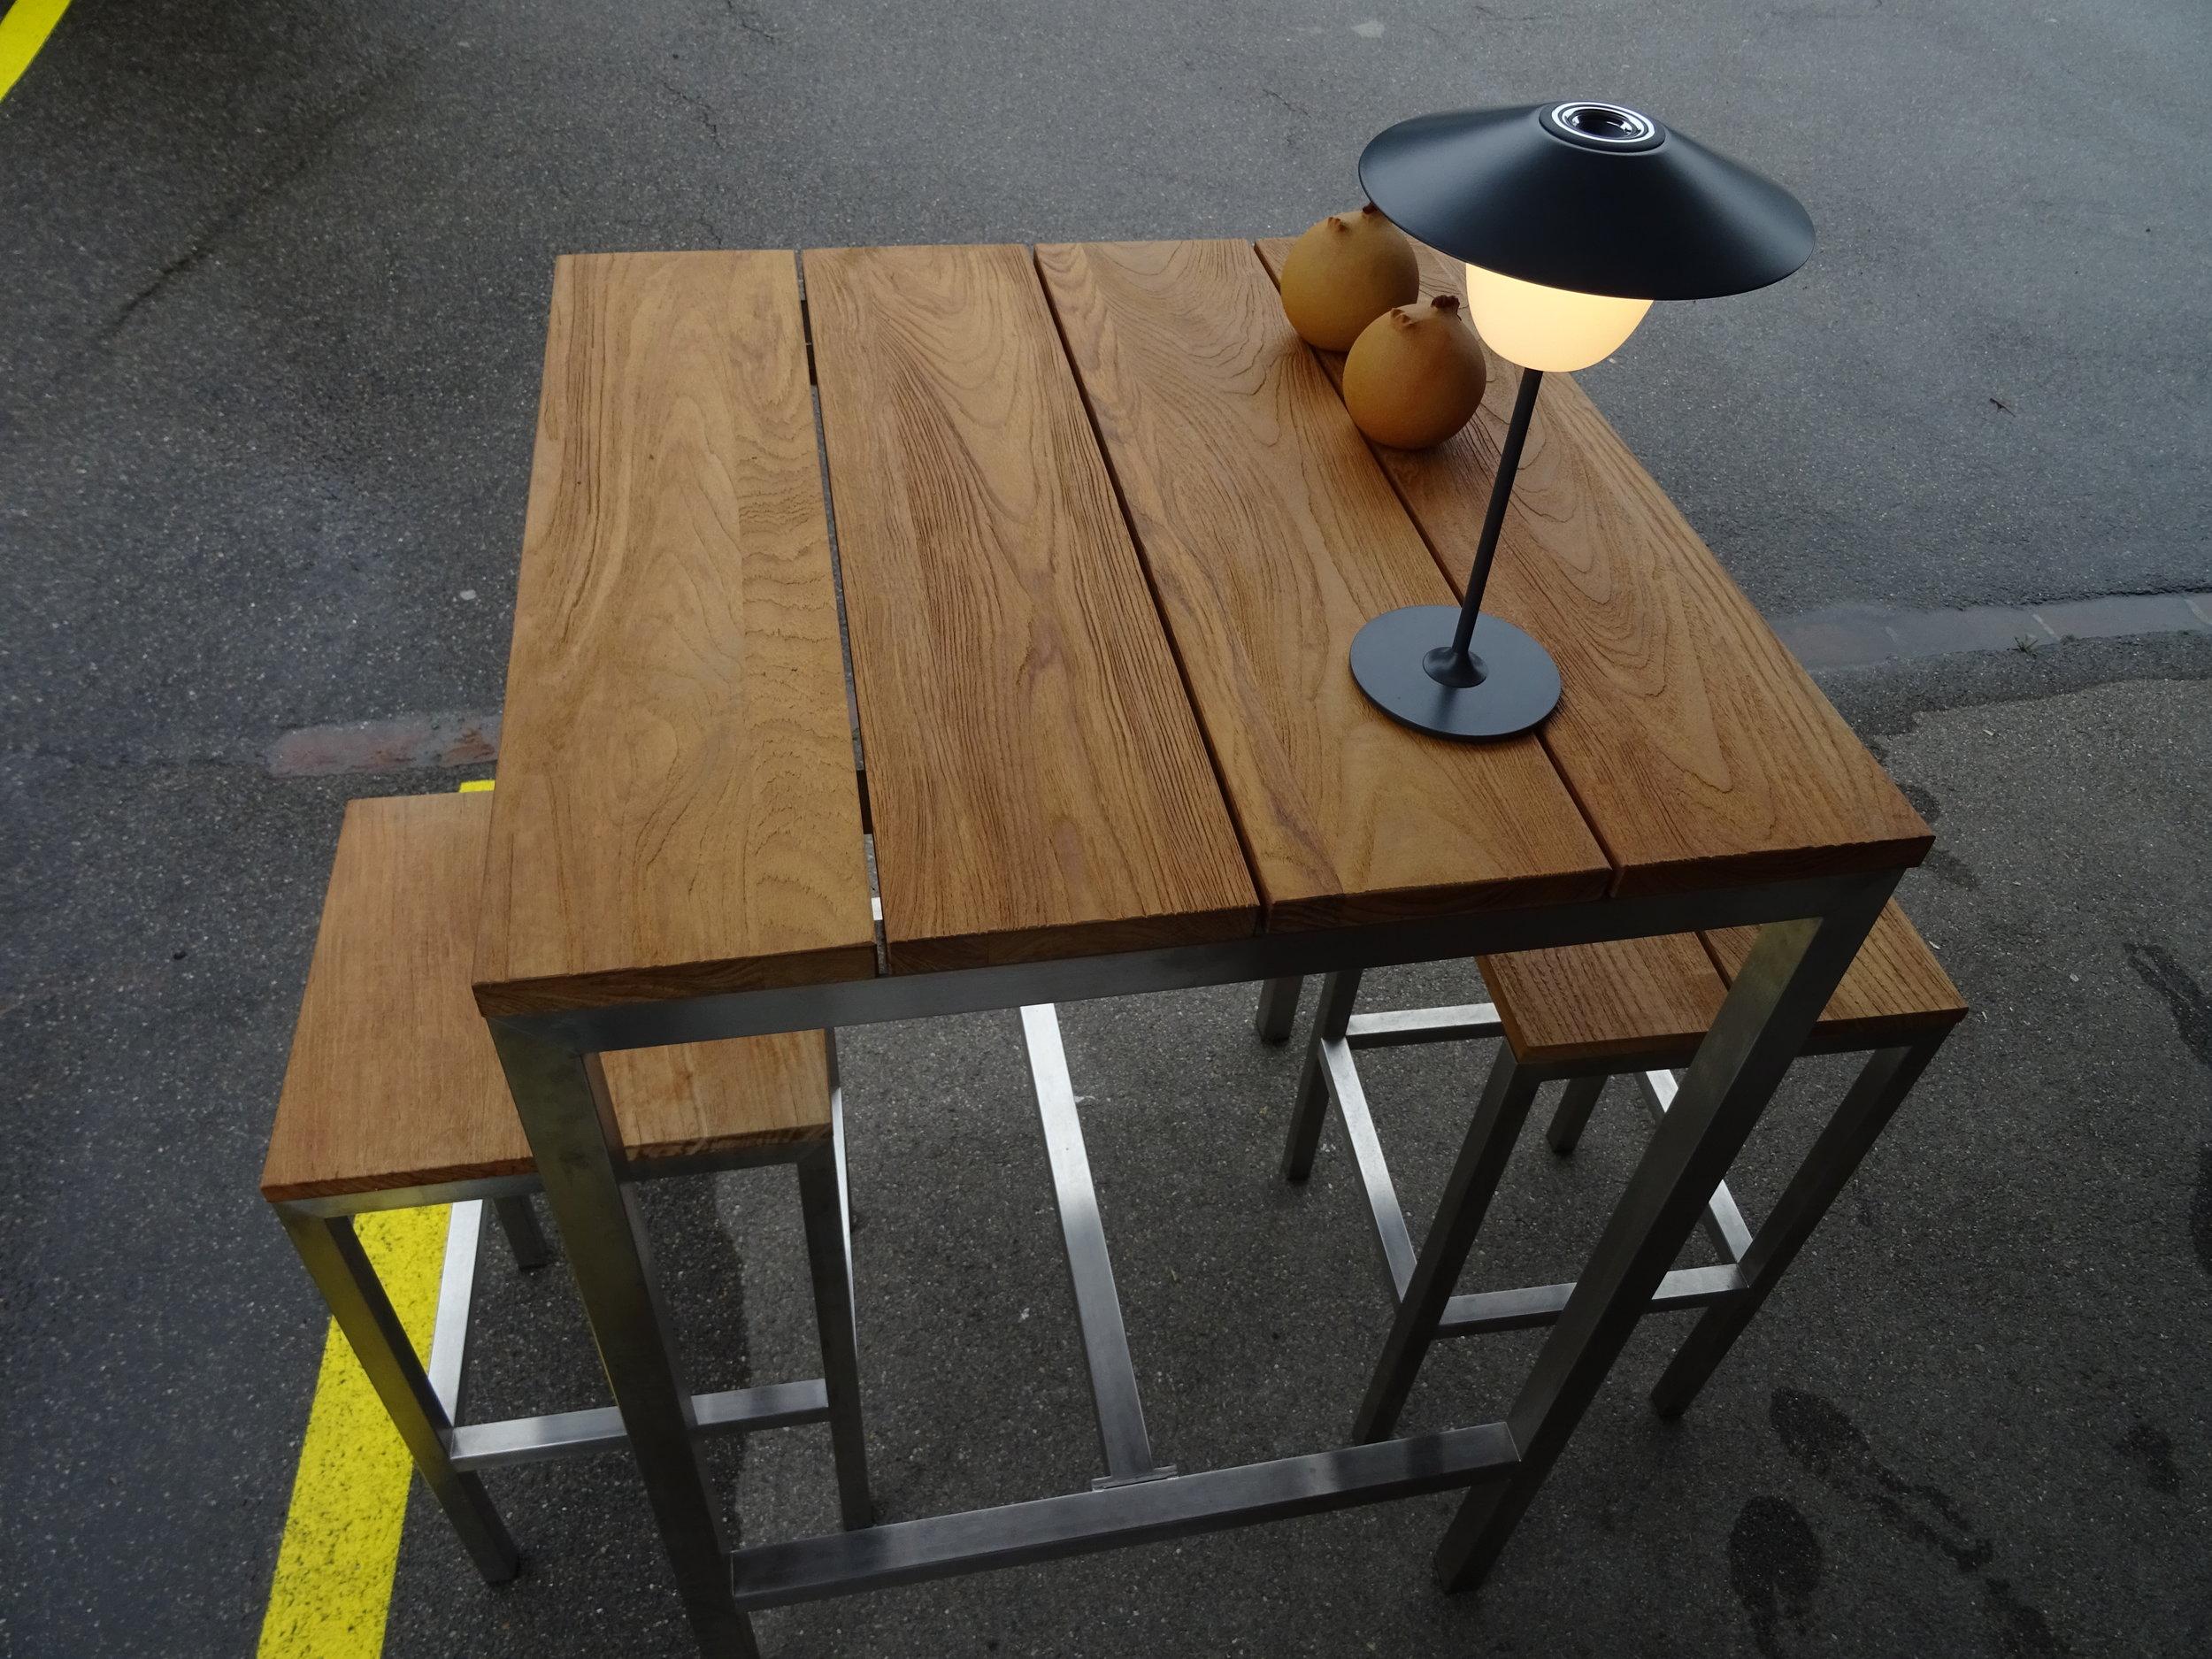 Teakholz Bar, Edelstahl Gestell - Bartisch Quadratisch H114xB80xL80cm, 2x Barhocker H78xB40xL40cm,